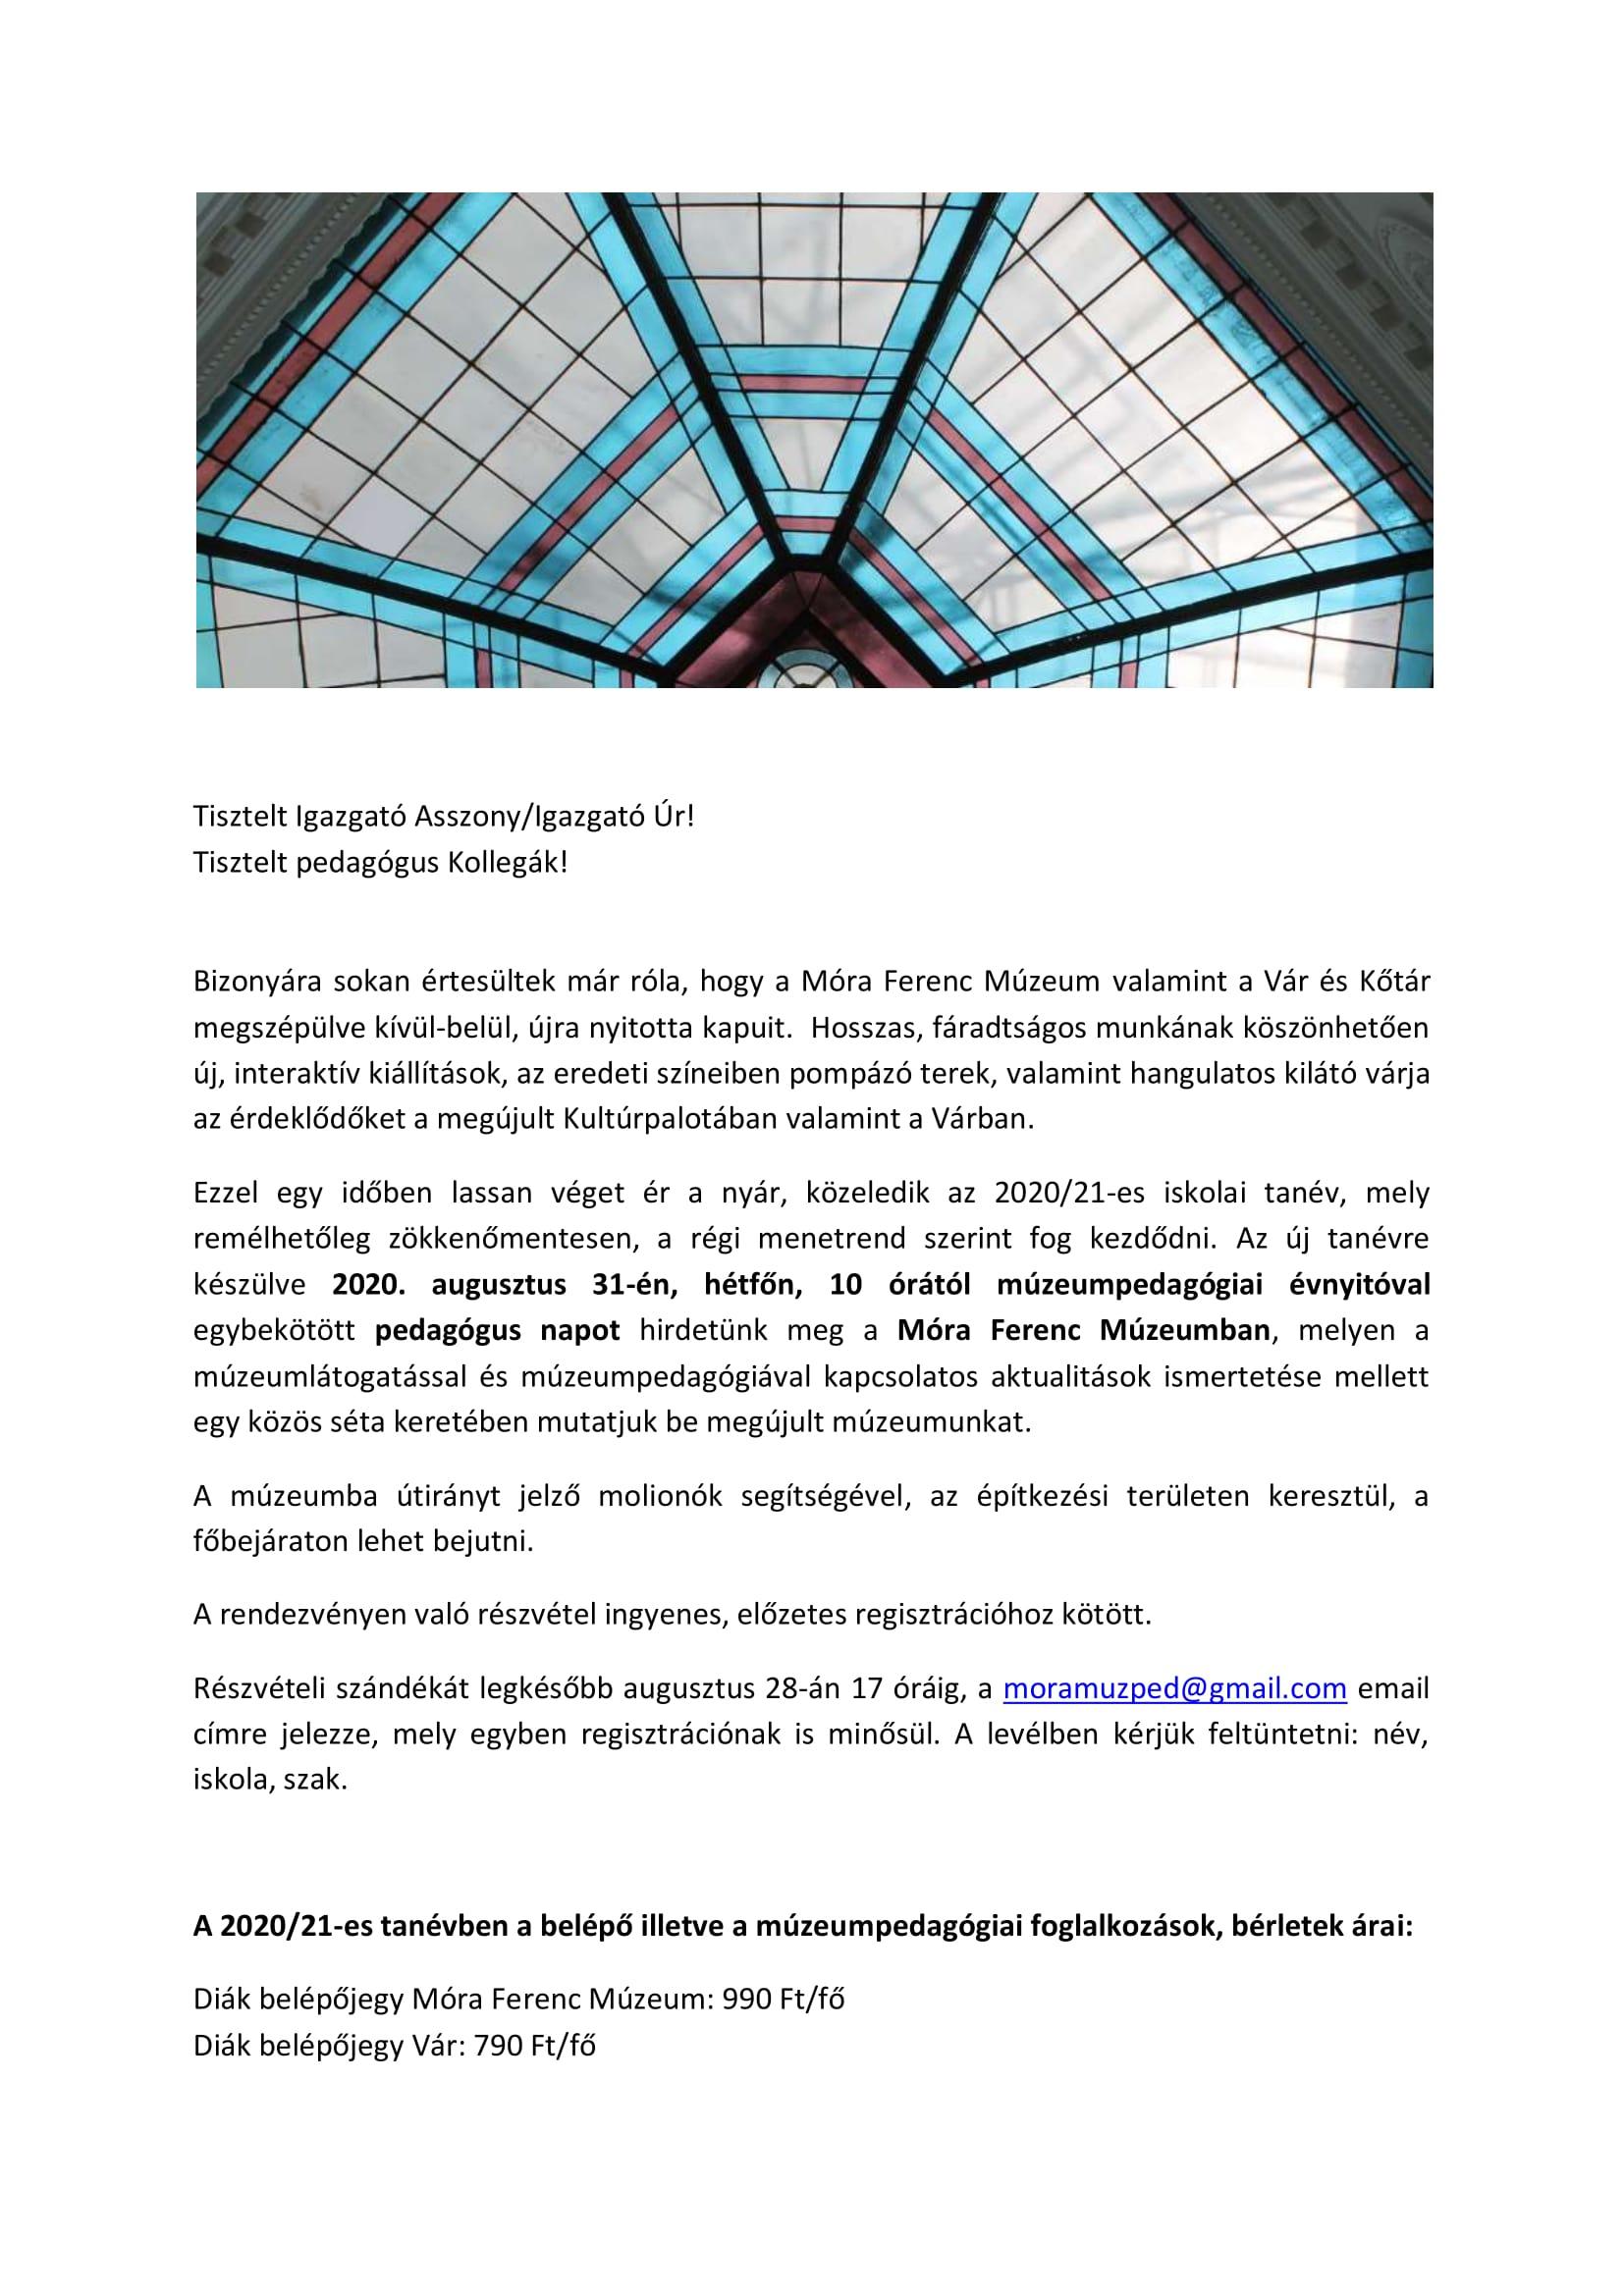 Múzeumpedagógiai évnyitó 2020._0001